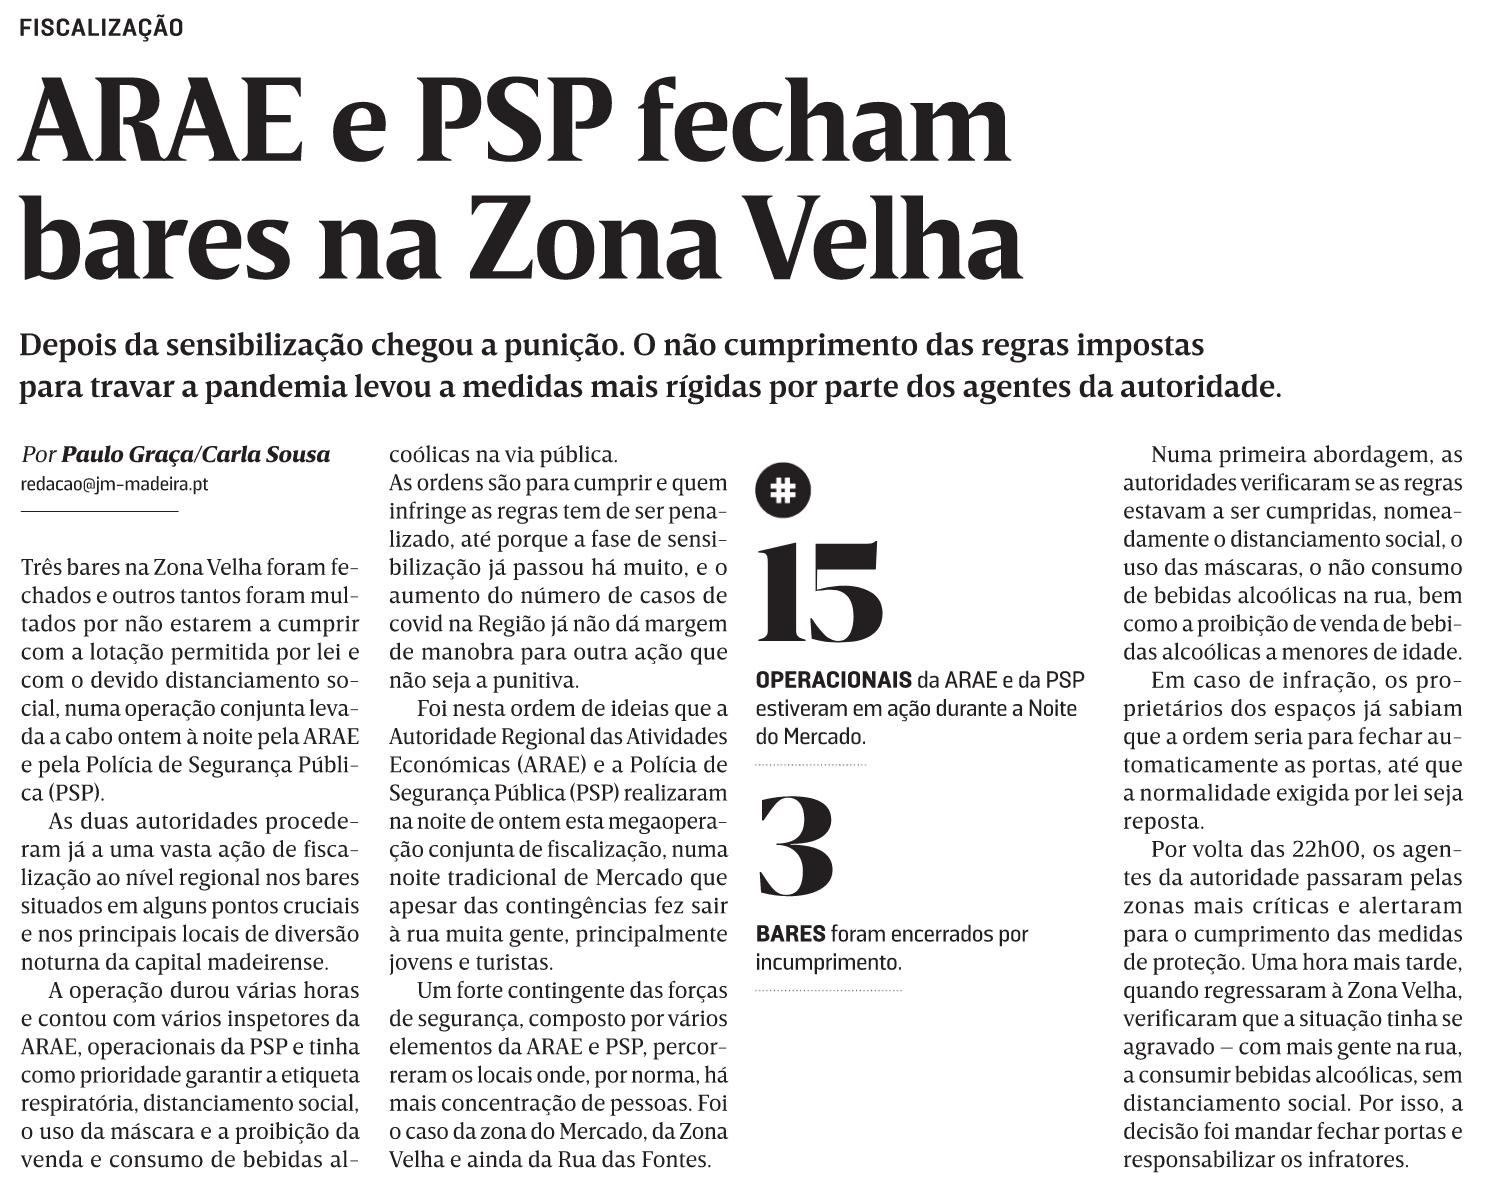 in JM-Madeira, edição de 24/12/2020